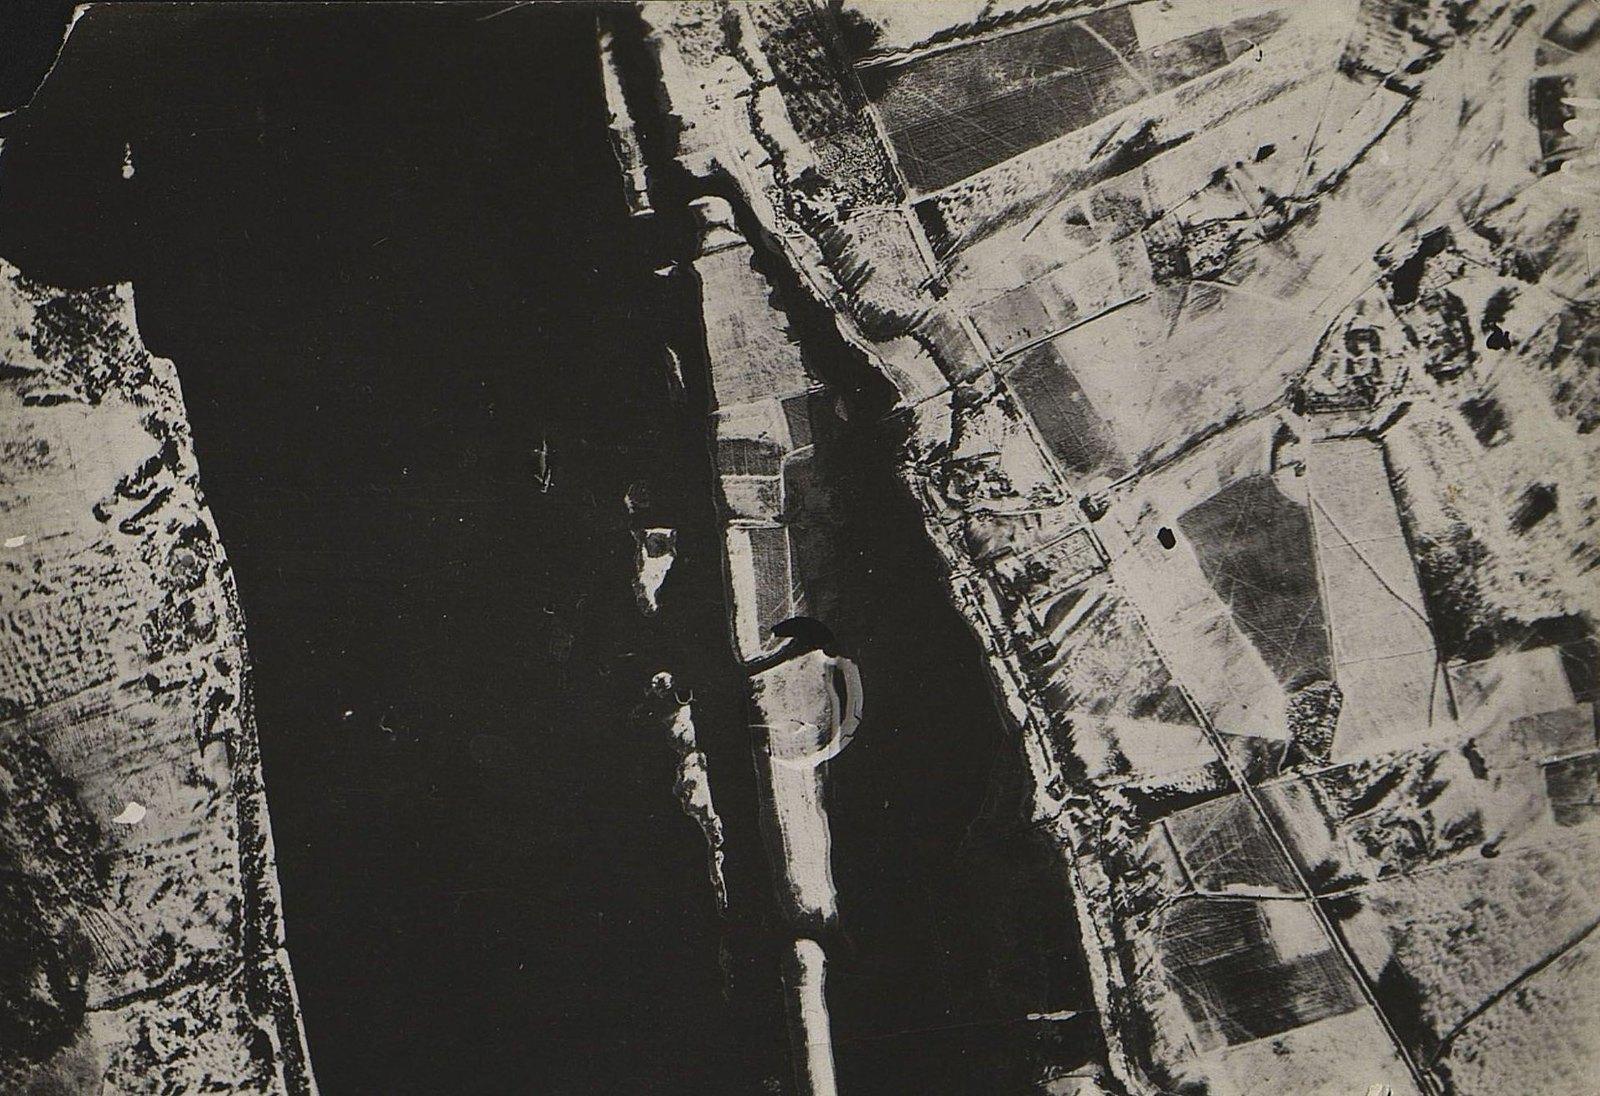 1916. Зимняя фоторазведка Двины (севернее Двинска) на одном из участков Северного фронта (снимок шестой)